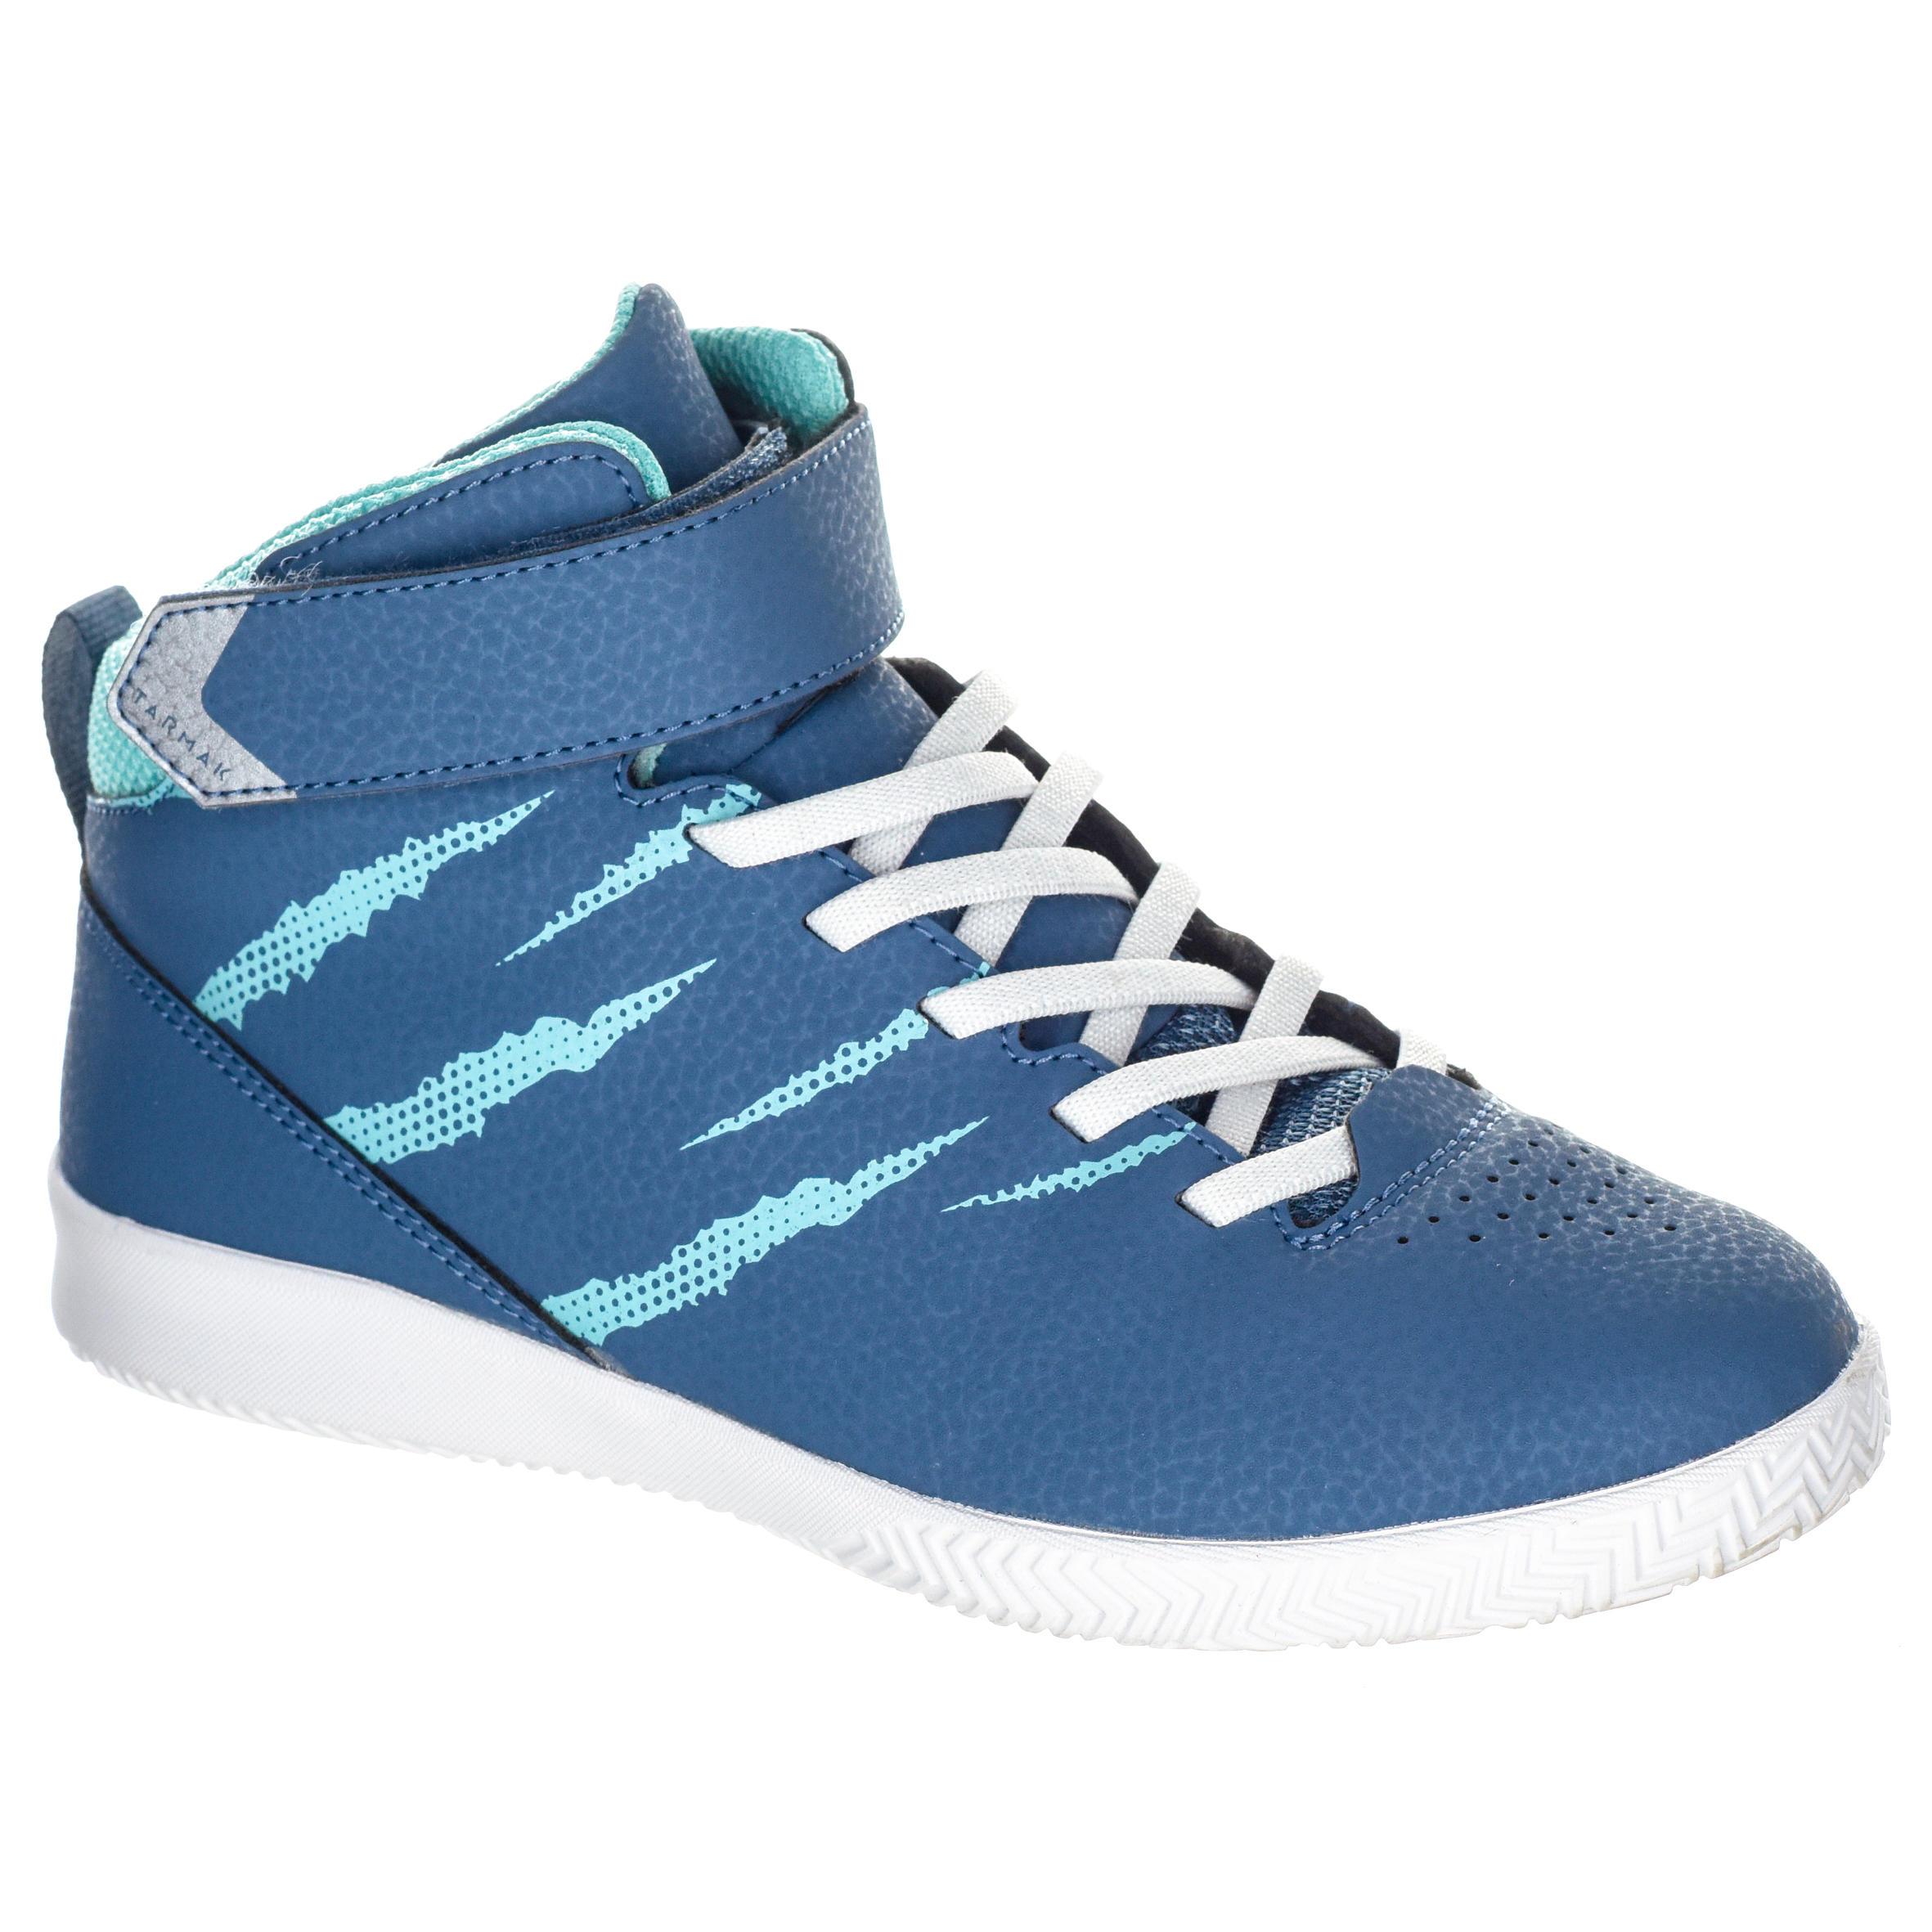 Tarmak Basketbalschoenen SE100 jongens/meisjes beginners blauw/turquoise